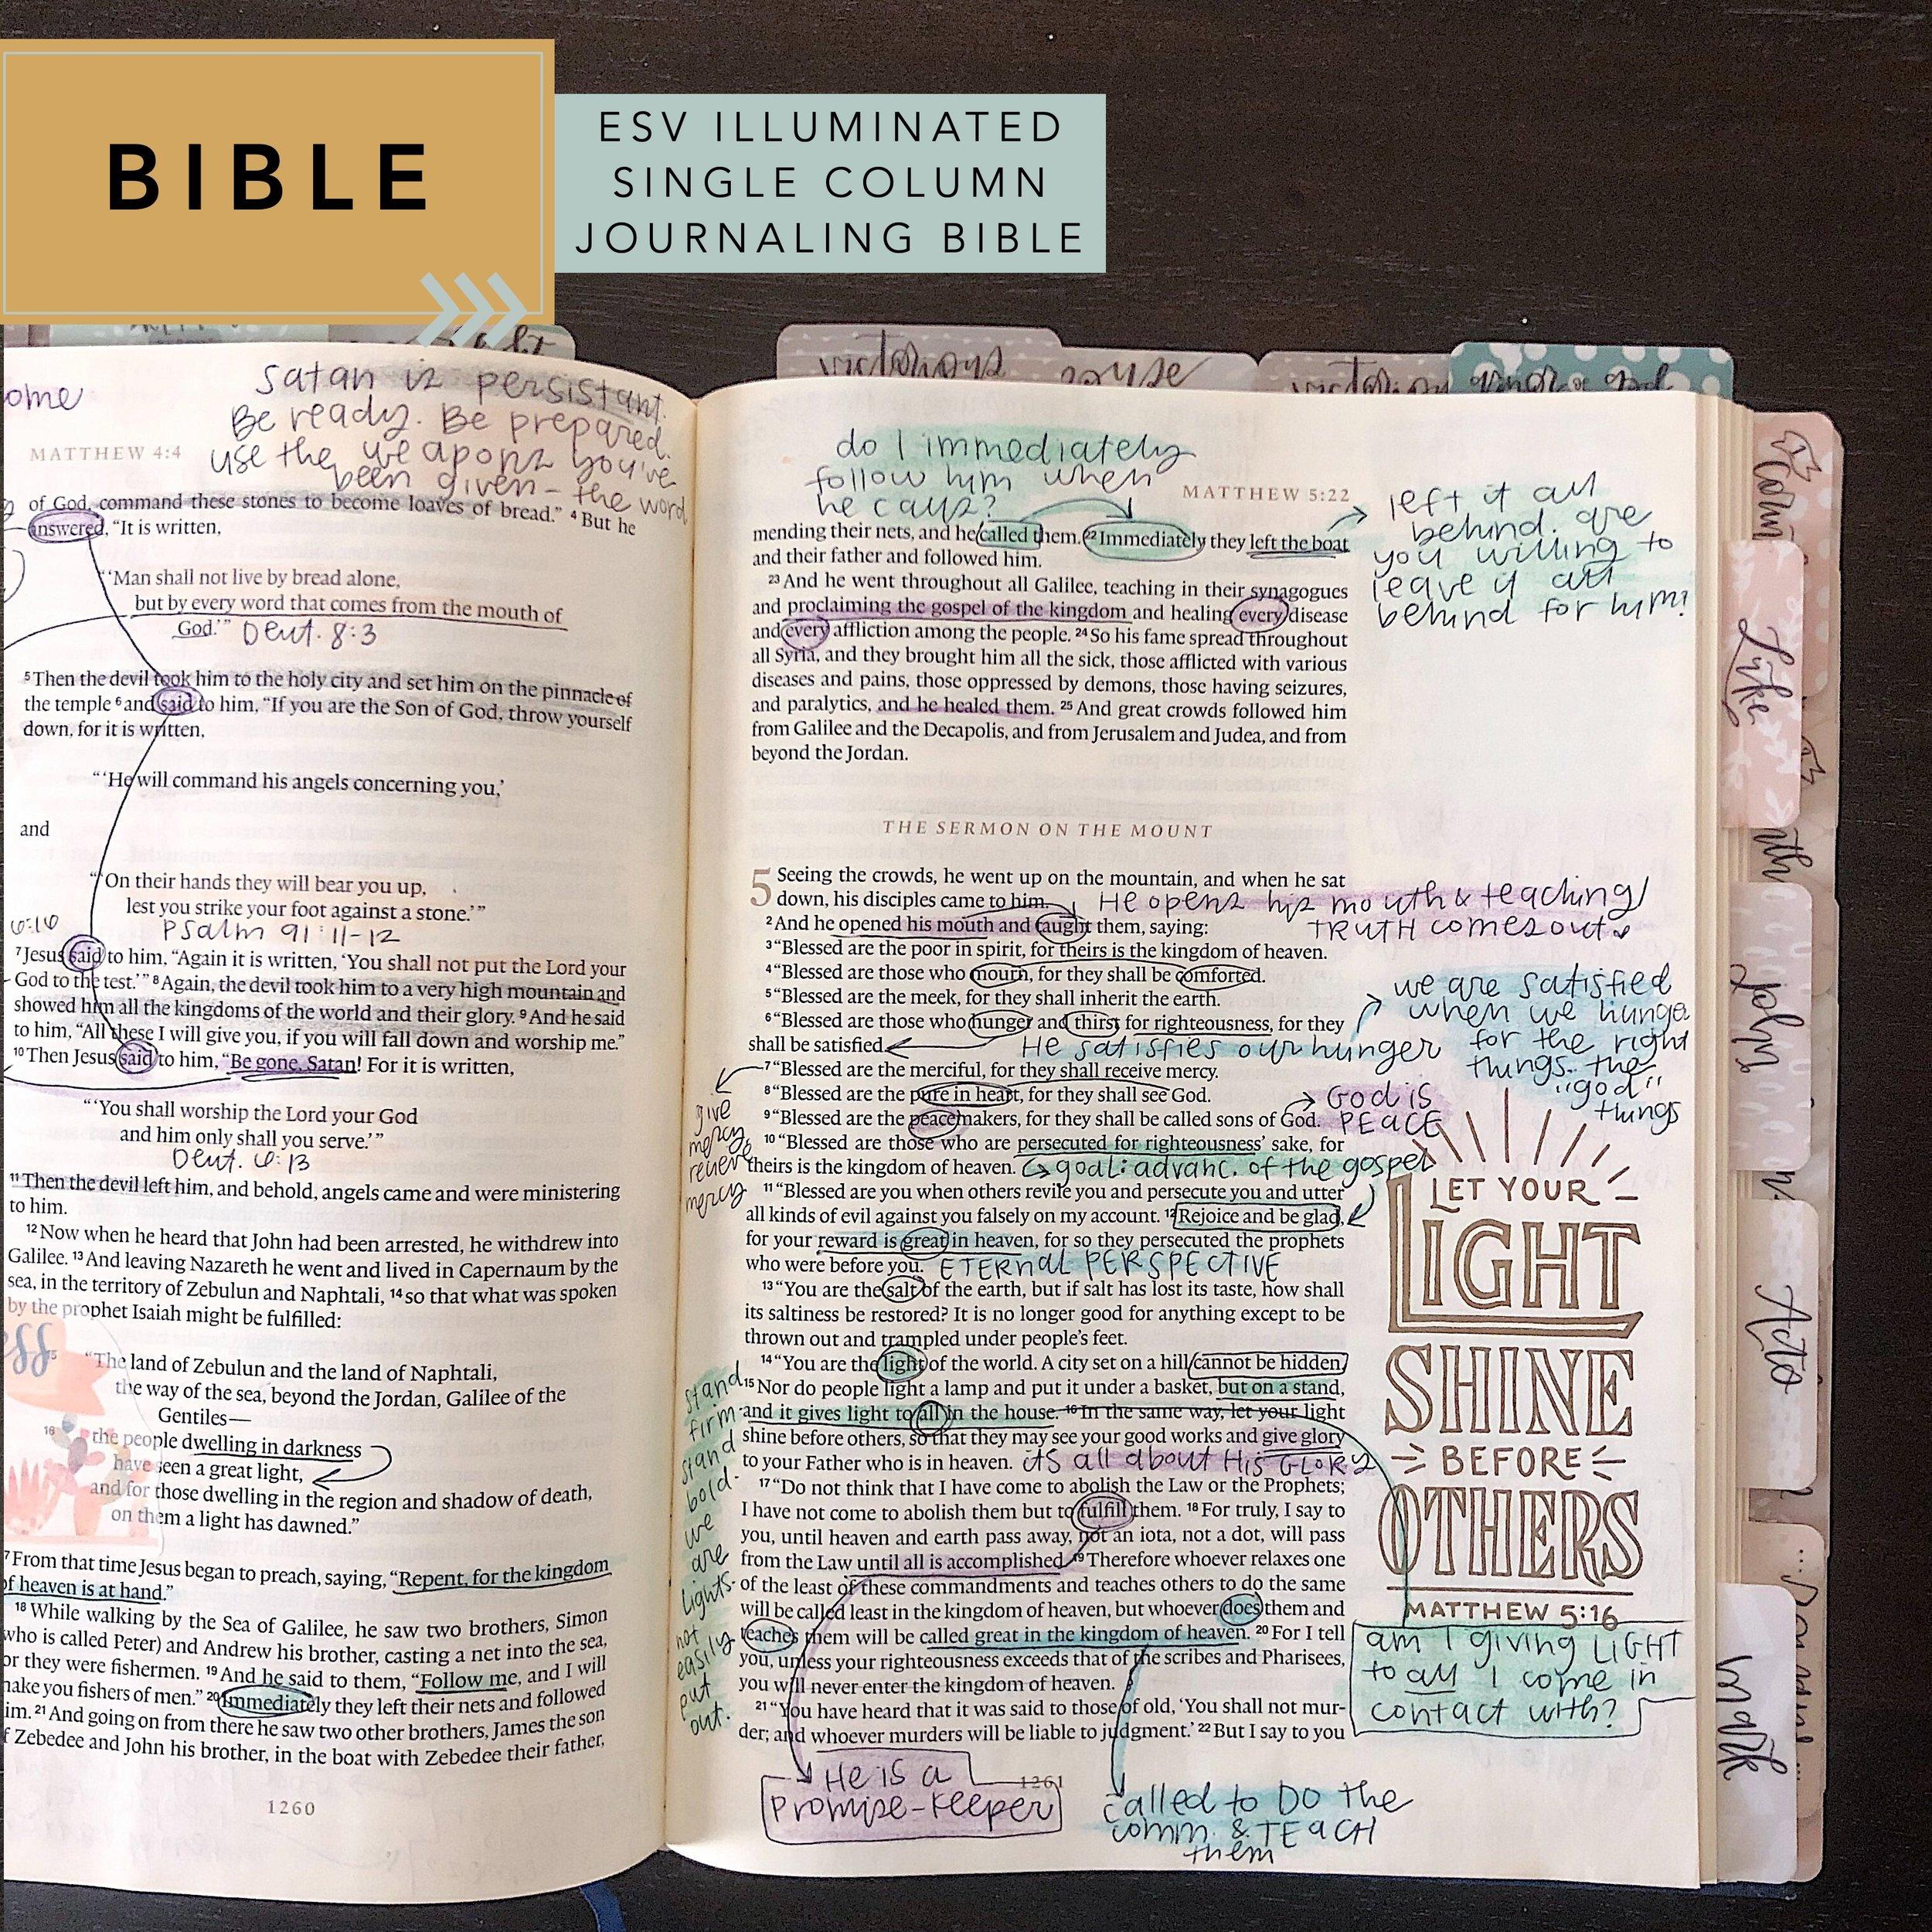 bible comparison: ESV Illuminated Bible